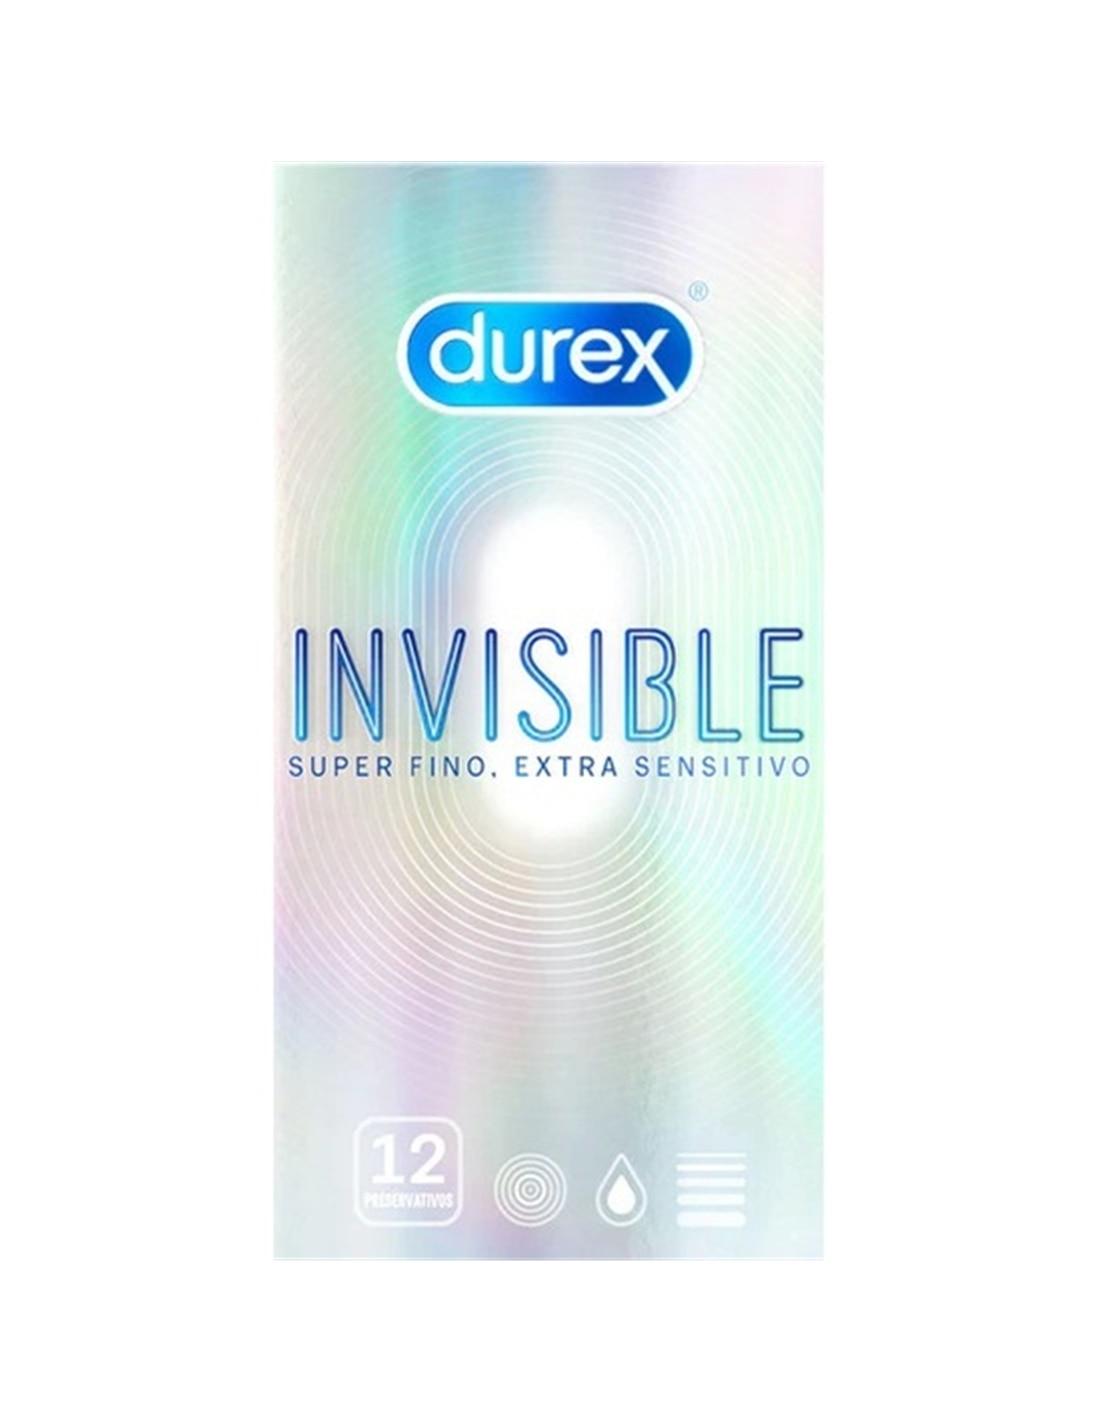 21192 - Durex Invisible Extra Fino 12 Uds-PR2010338780